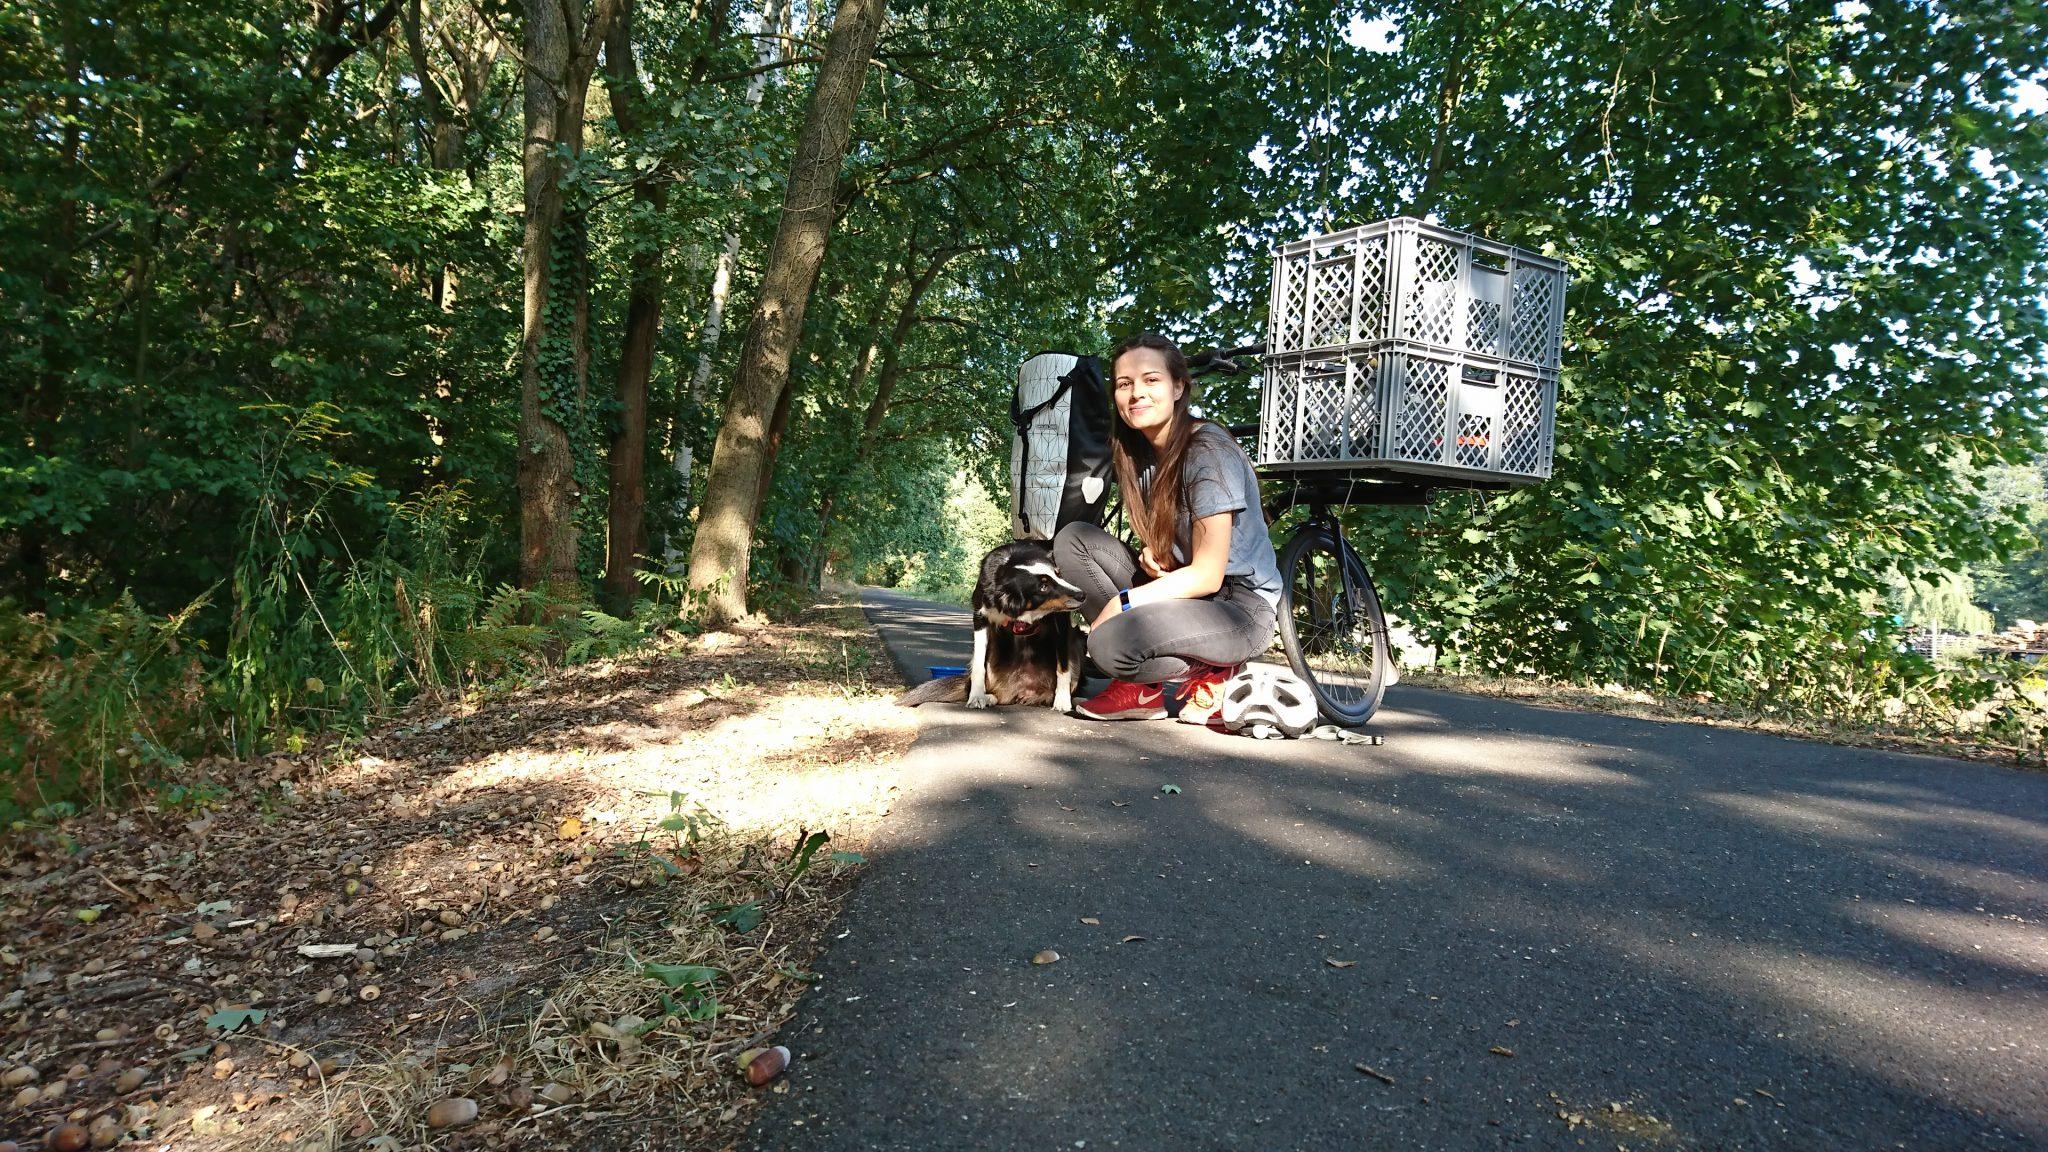 Fahrradtour Flaeming Skate Heaven und ich auf dem Radweg